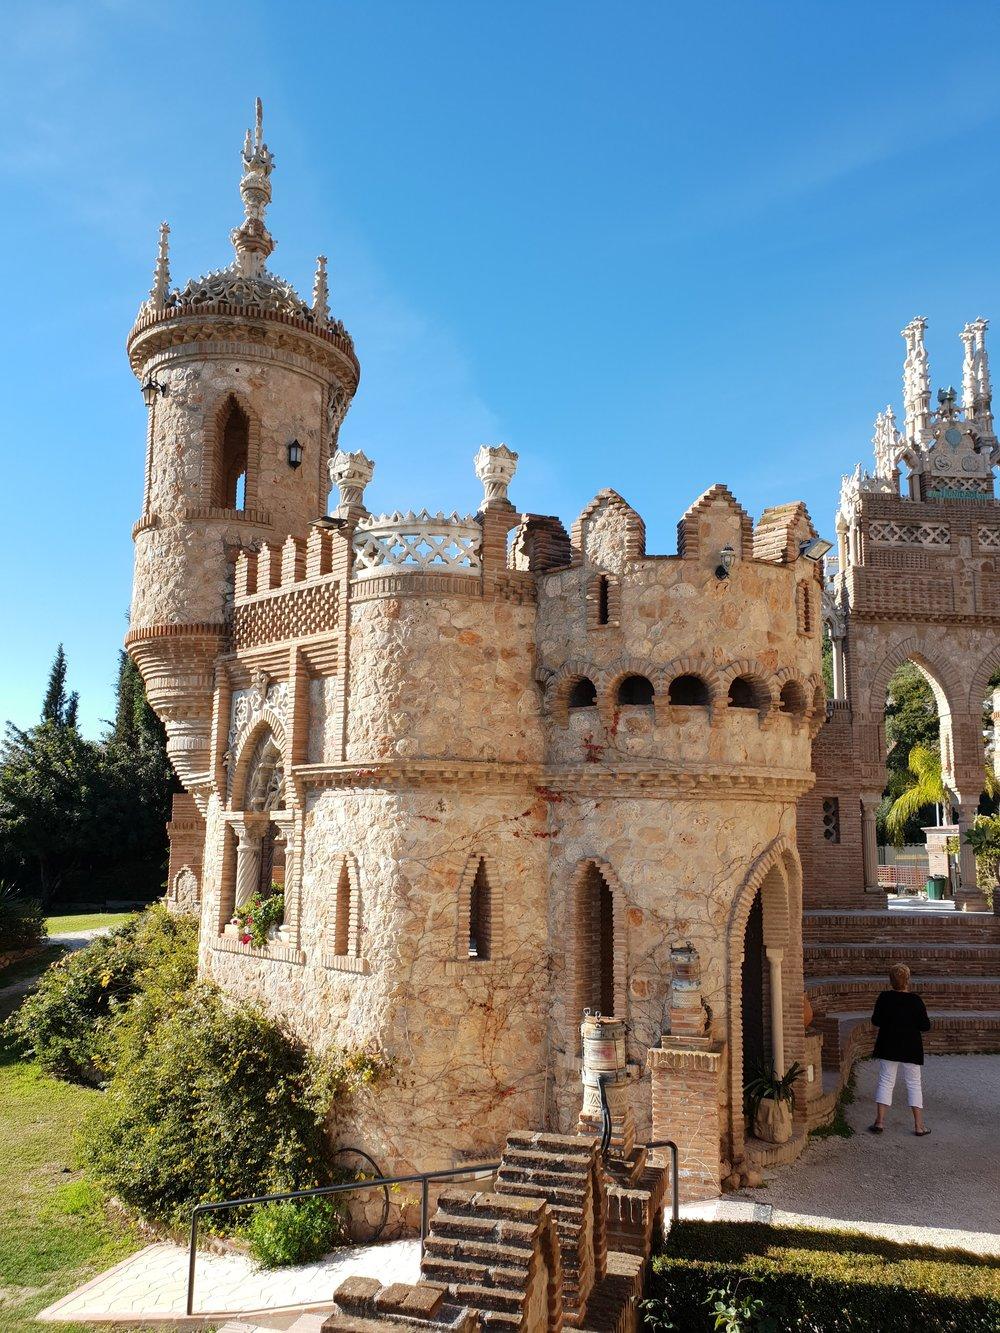 Described as a ' fantasia en piedra, ' or 'fantasy in stone,' the Castillo de Colomares truly will enchant you.